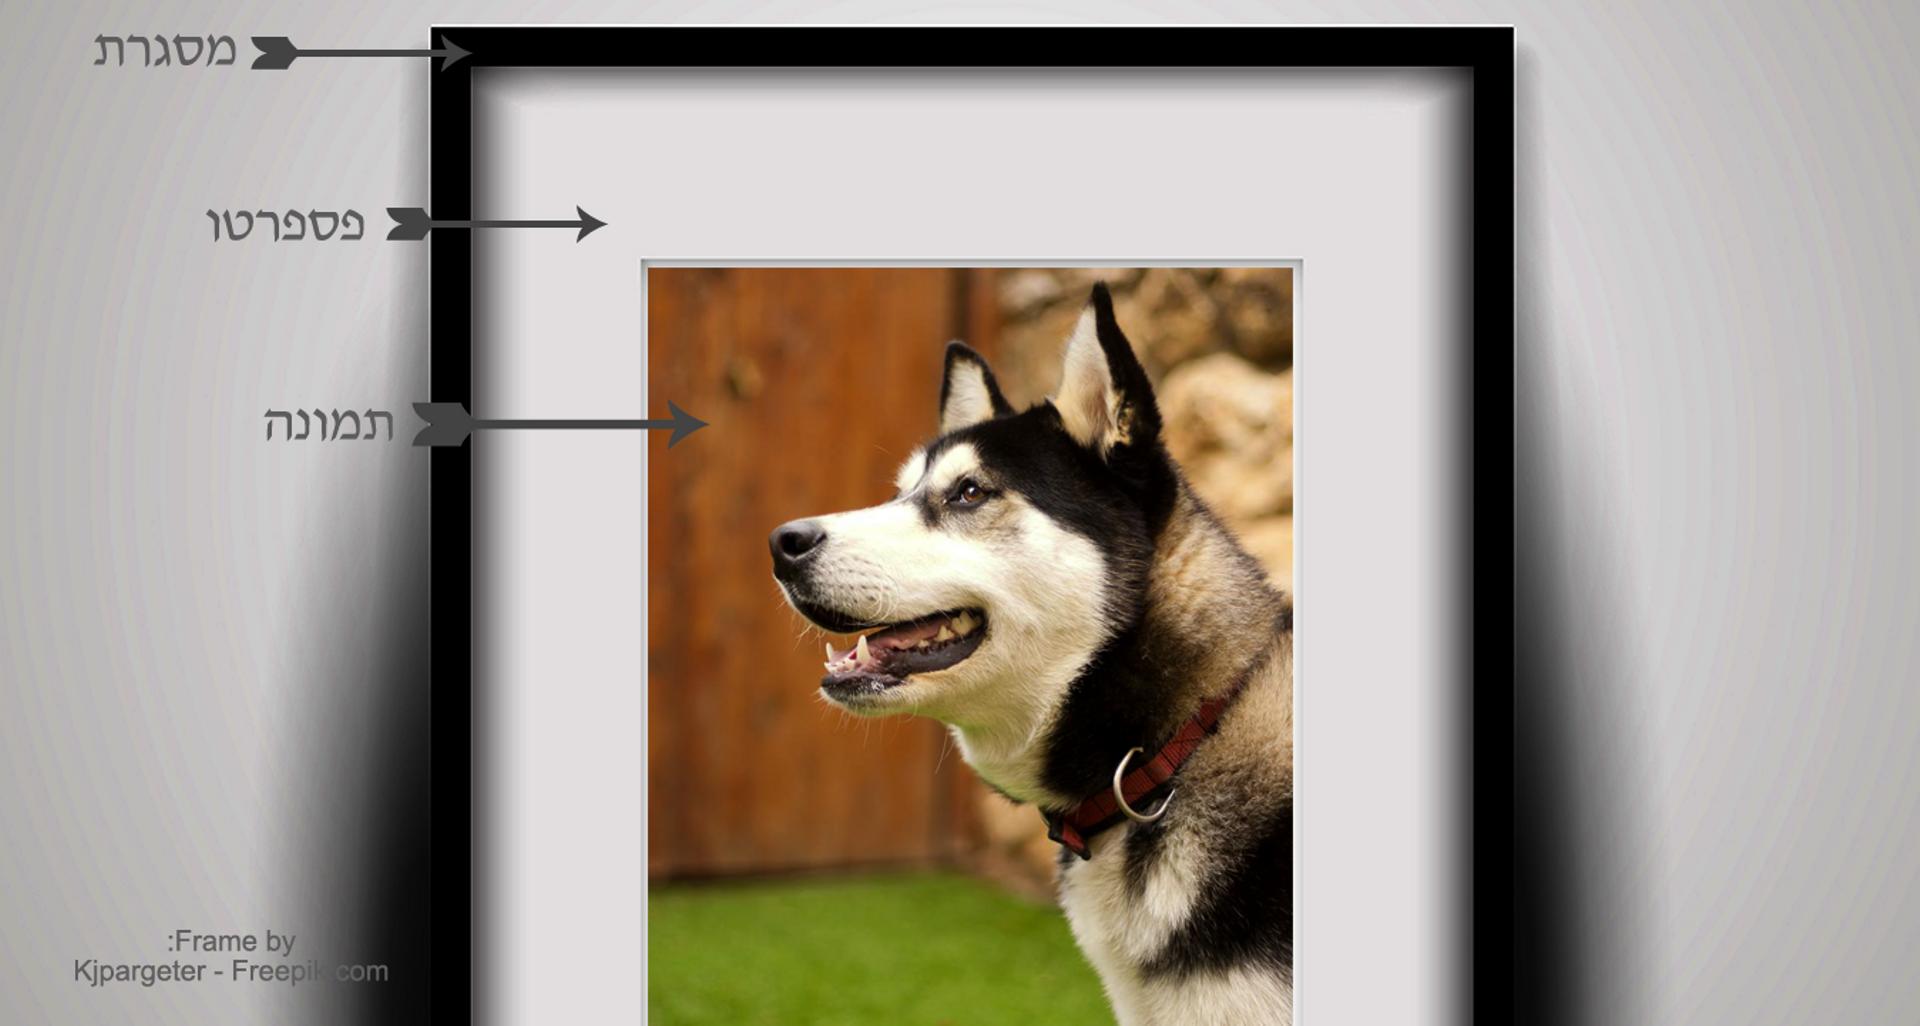 =מסגרת תמונה איכותית דגם FR9271, כולל הדפסת תמונה.